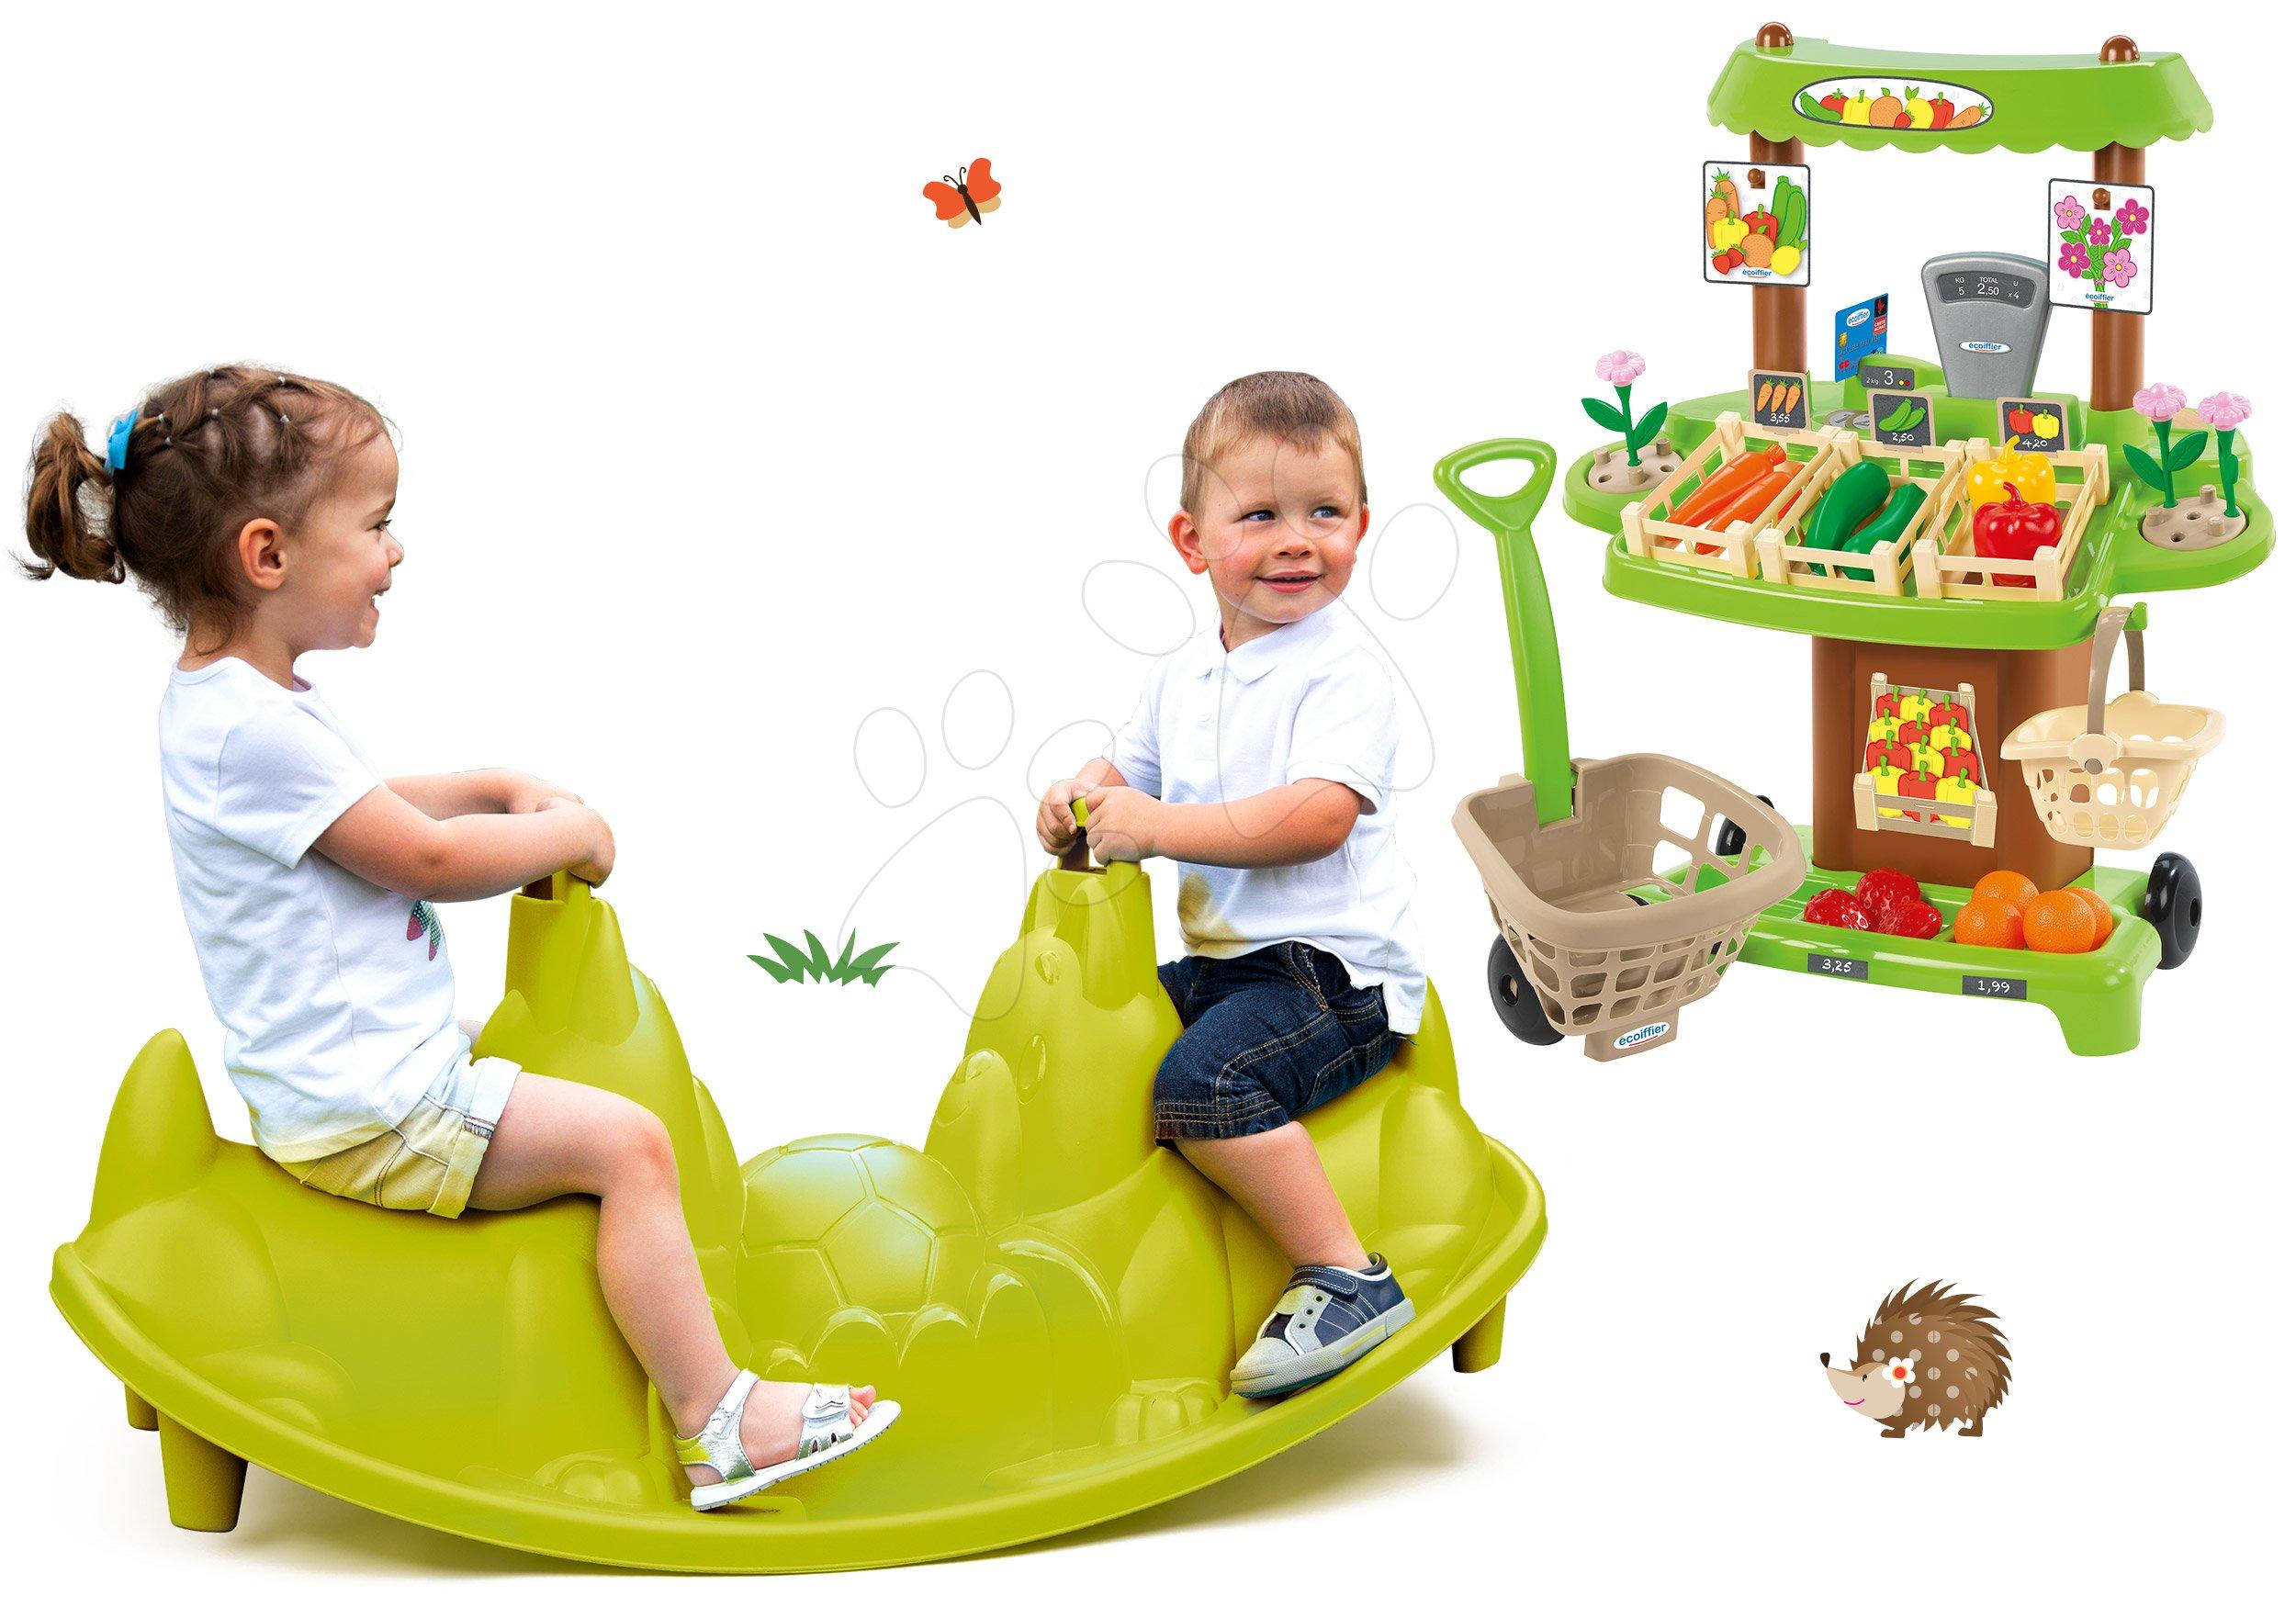 Smoby hojdačka pre deti Tuleň s vodotryskom a Écoiffier zeleninový stánok 310159-16